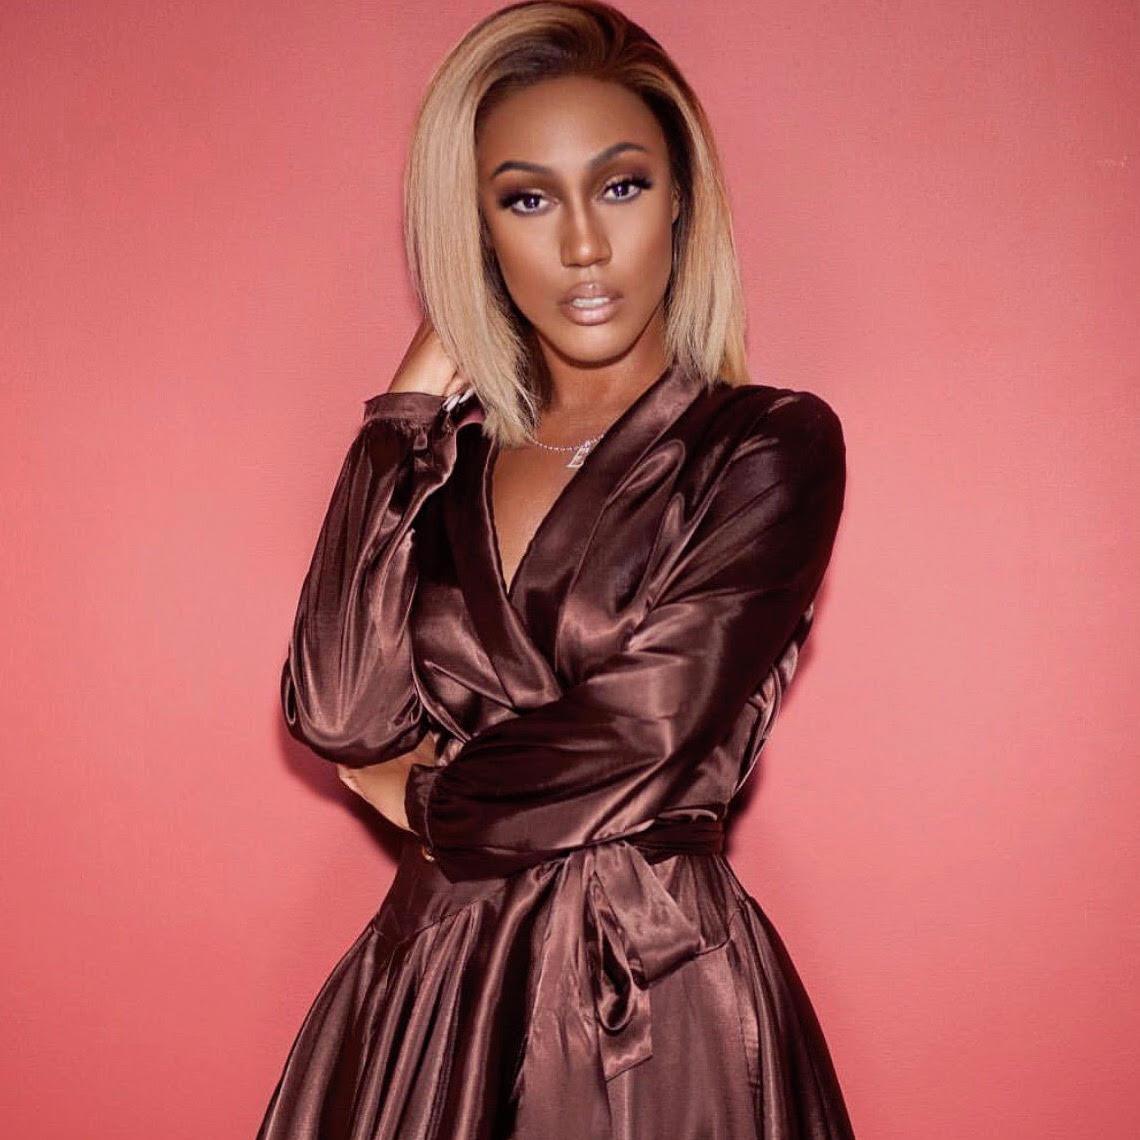 Maxie J - Los Angeles, CA   Owner of Ellae Lisque & Ellae Lisque Curve